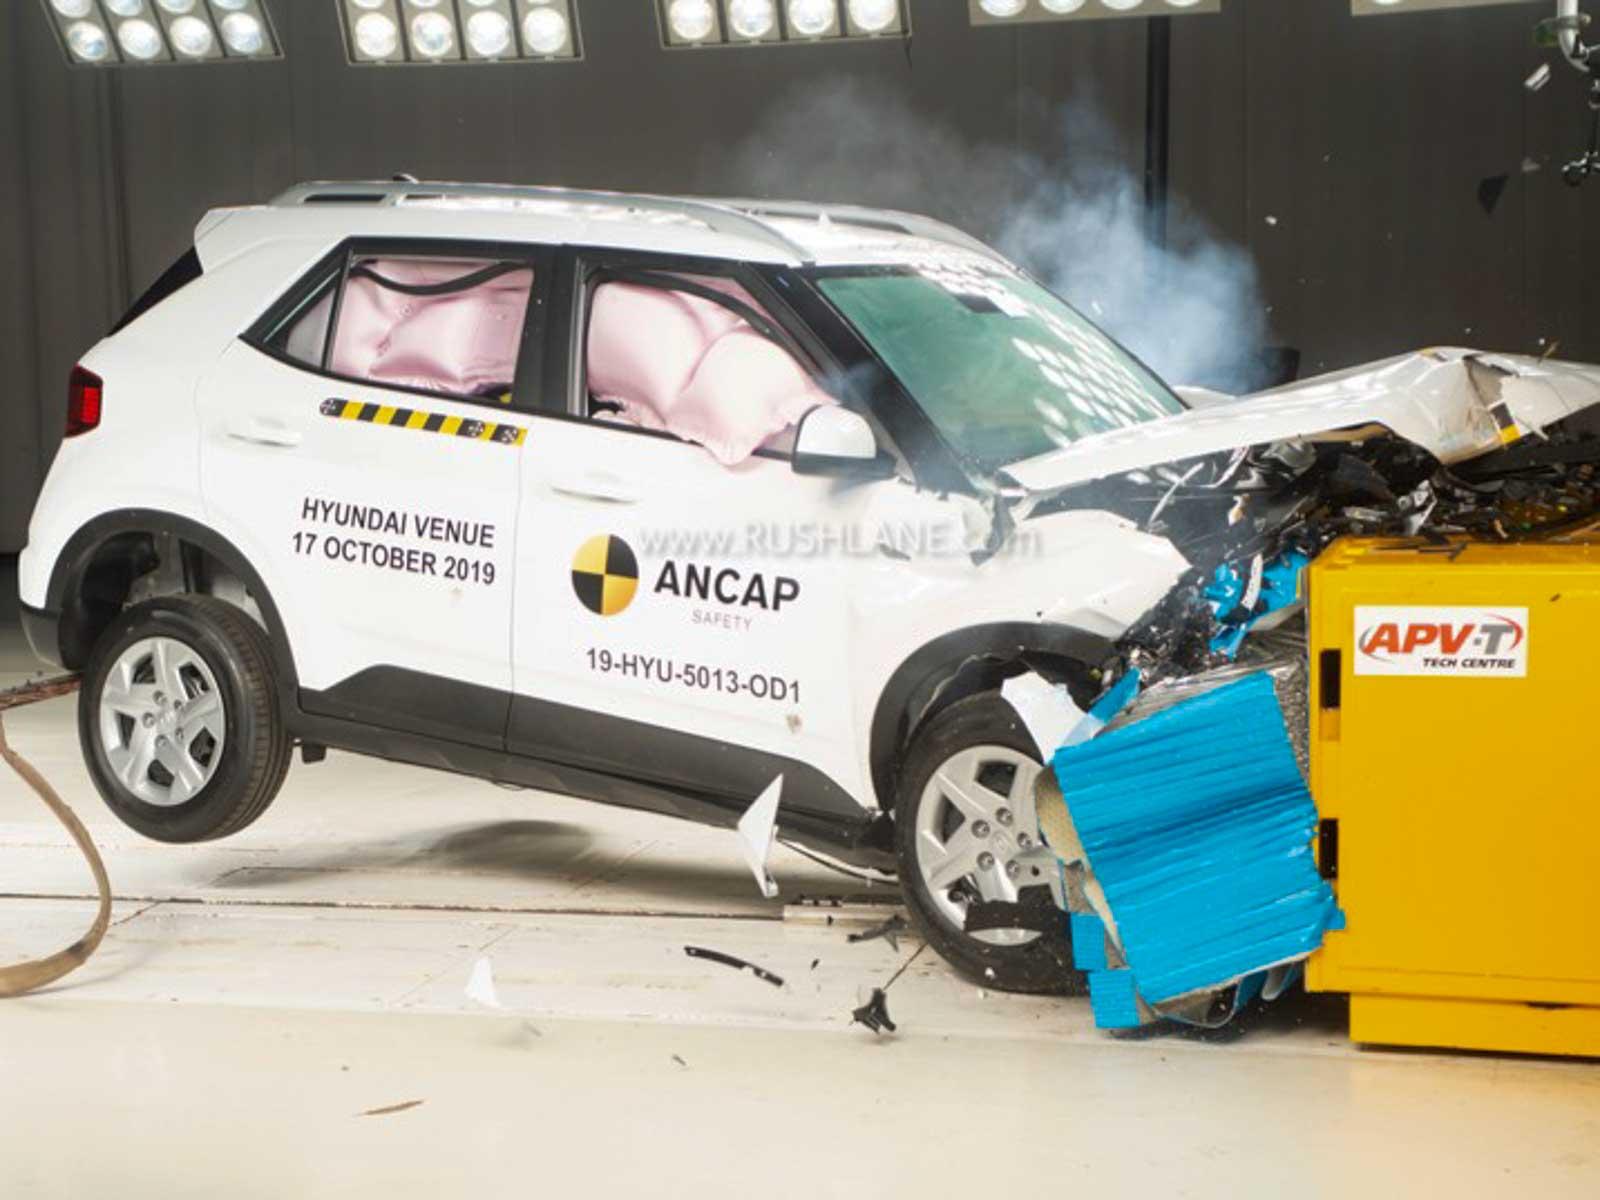 Hyundai Venue crash test